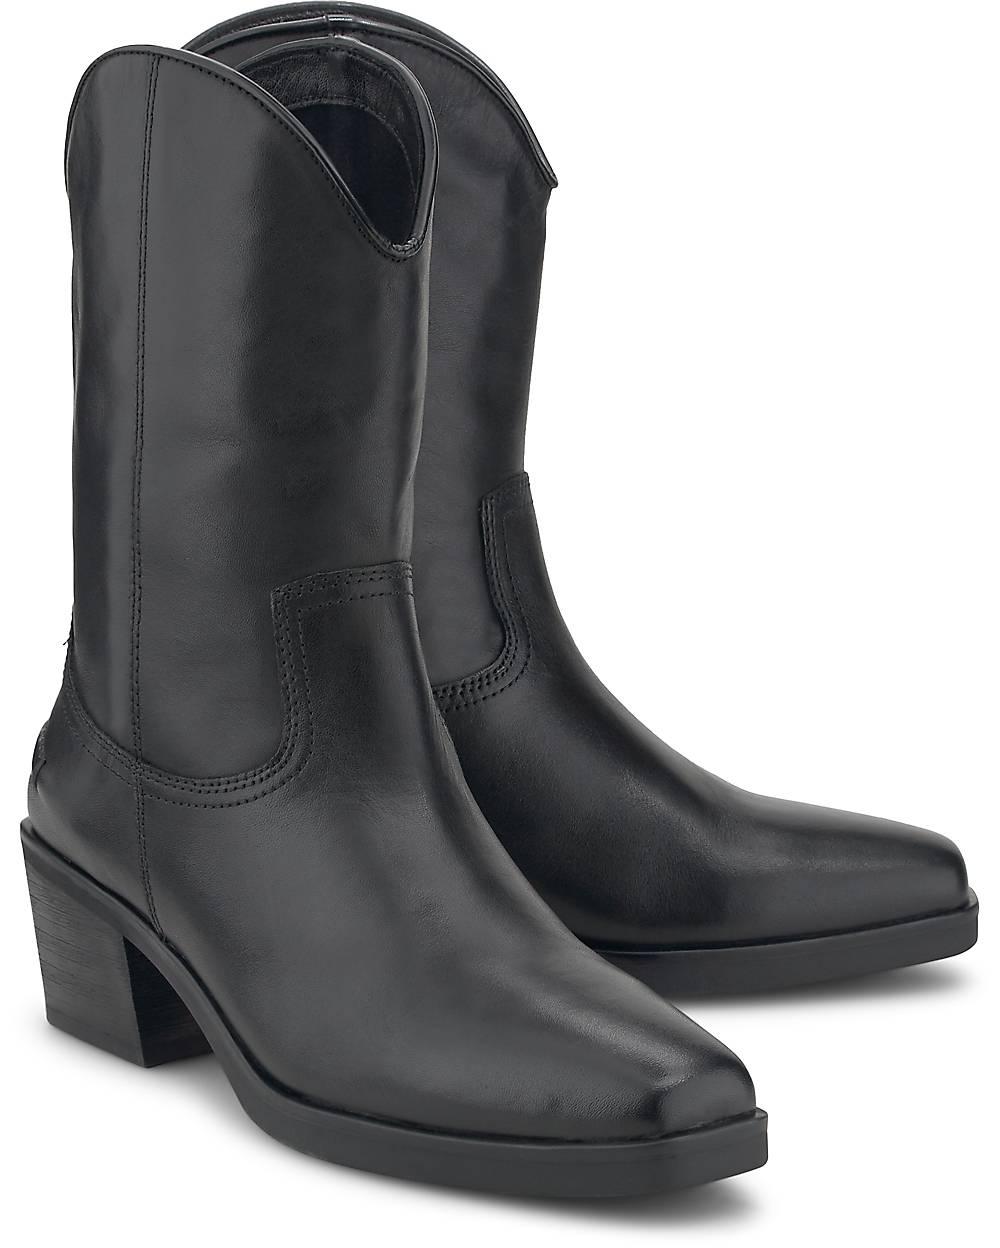 Vagabond Stiefelette SIMONE schwarz~48830701~front~1000 - aktuelle Schnäppchen von Goertz